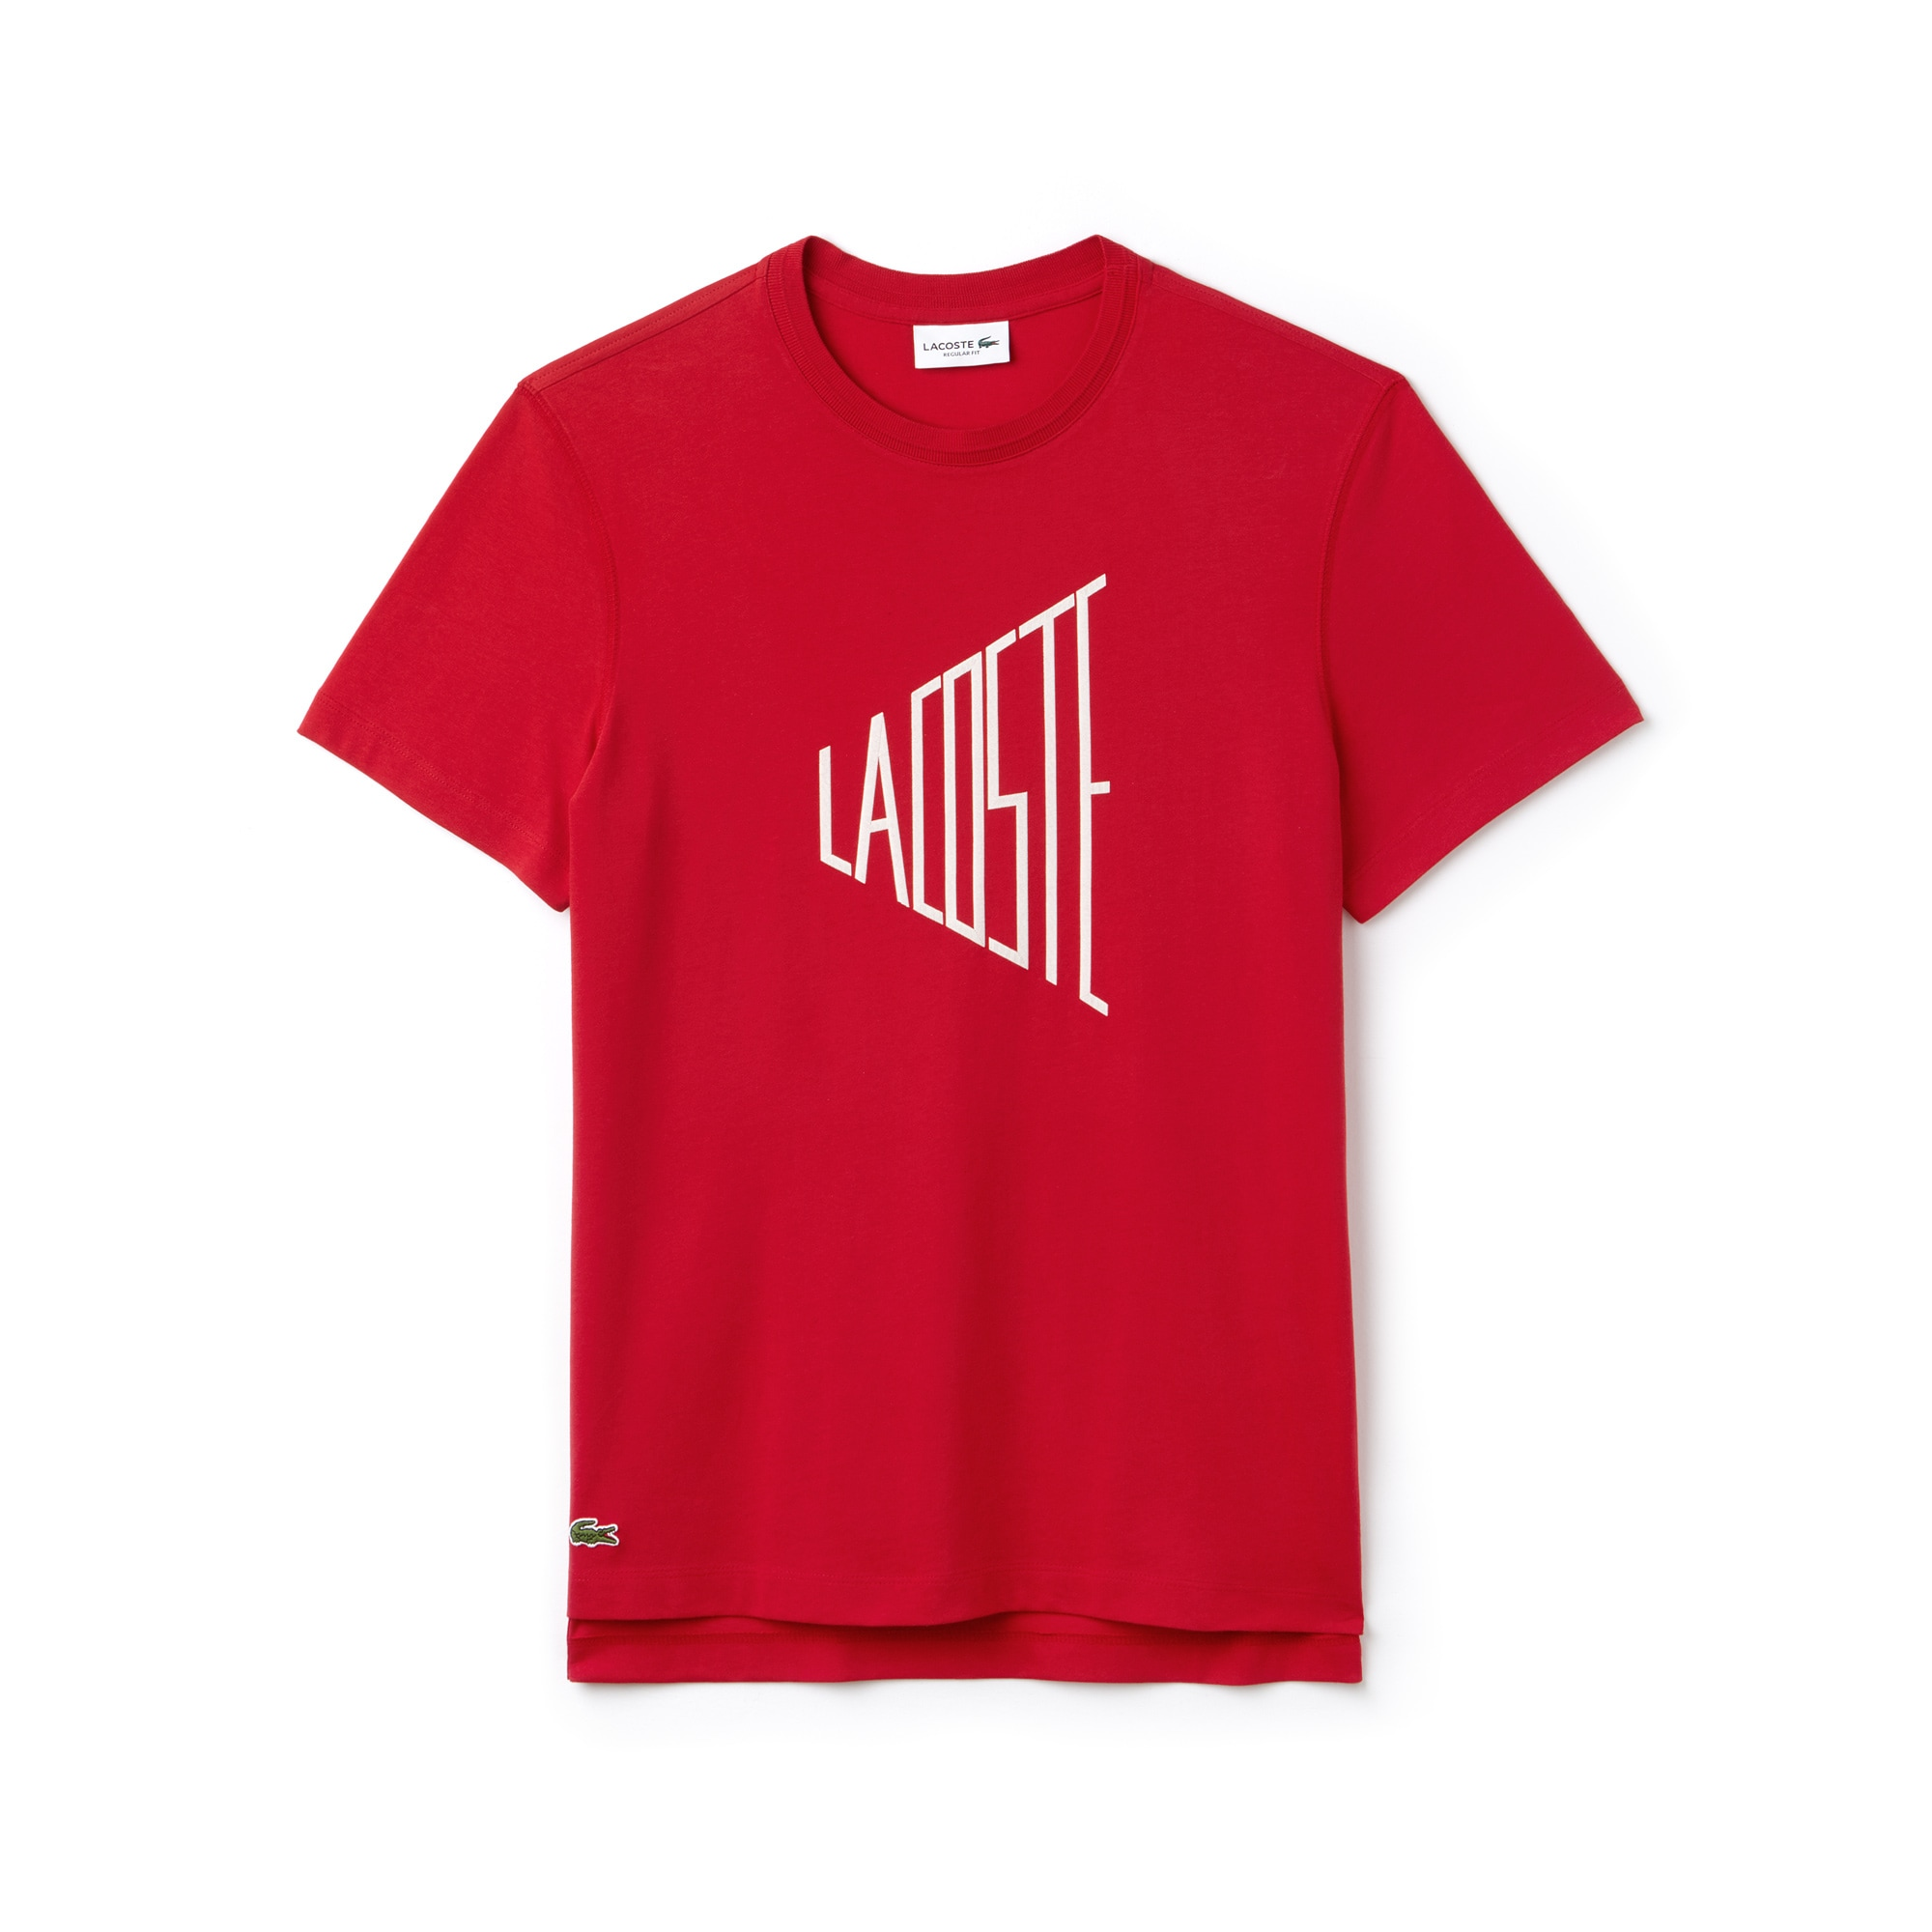 Men's Crew Neck Lacoste Lettering Cotton Jersey T-shirt